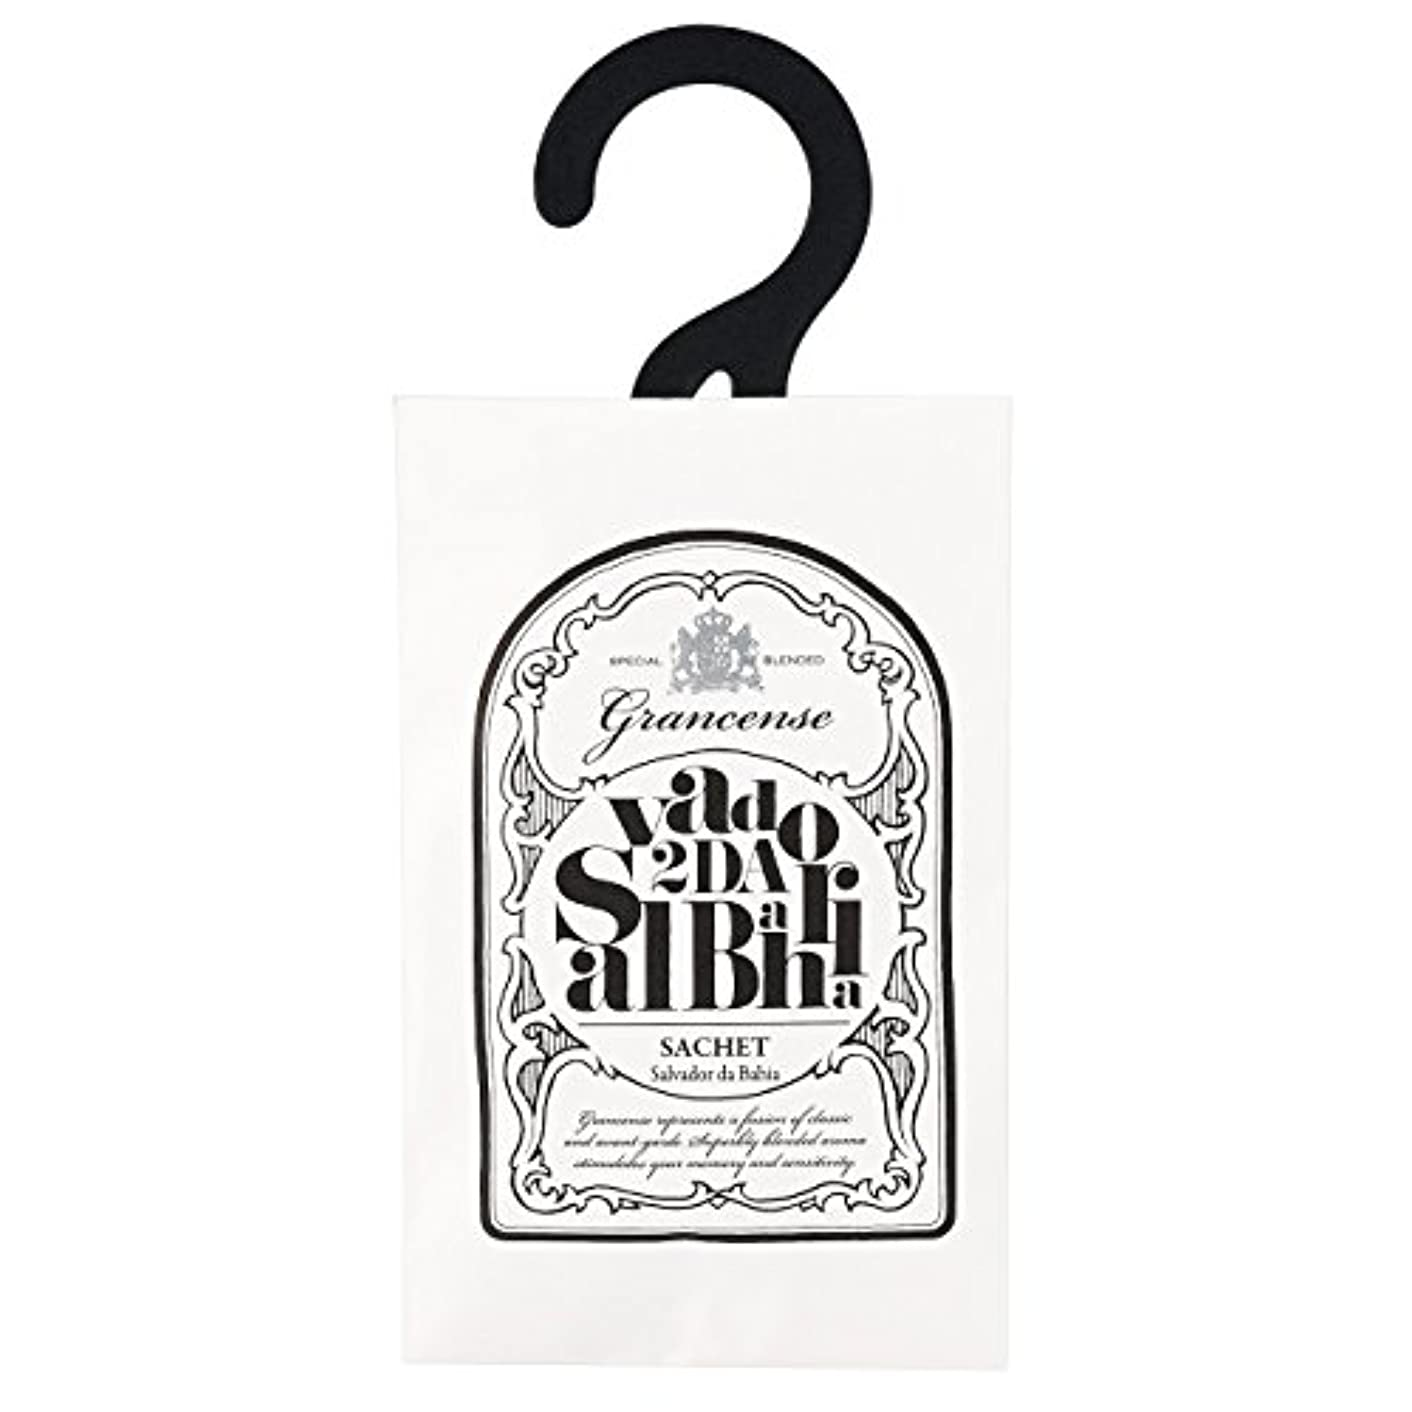 細分化する最終的に暗殺者グランセンス サシェ(約2~4週間) サルバドール 12g(芳香剤 香り袋 アロマサシェ ライムとミントの爽やかさにバニラの甘さを感じる南国のような香り)